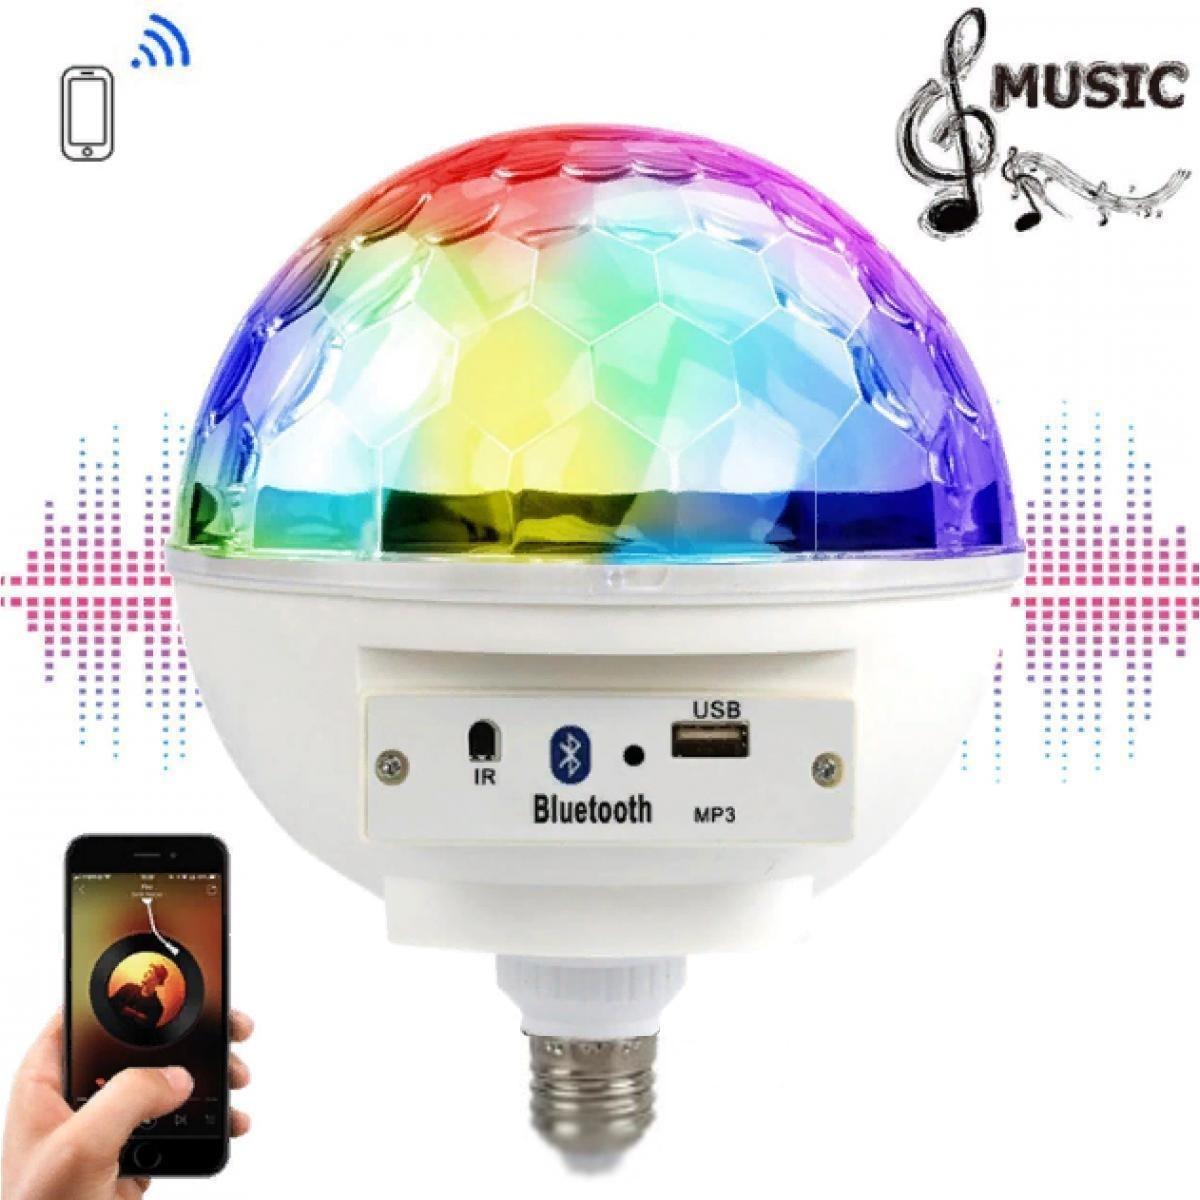 Cветодиодный музыкальный диско шар Bluetooth Большой | Доско сфера | Диско лампа Musik Ball E27